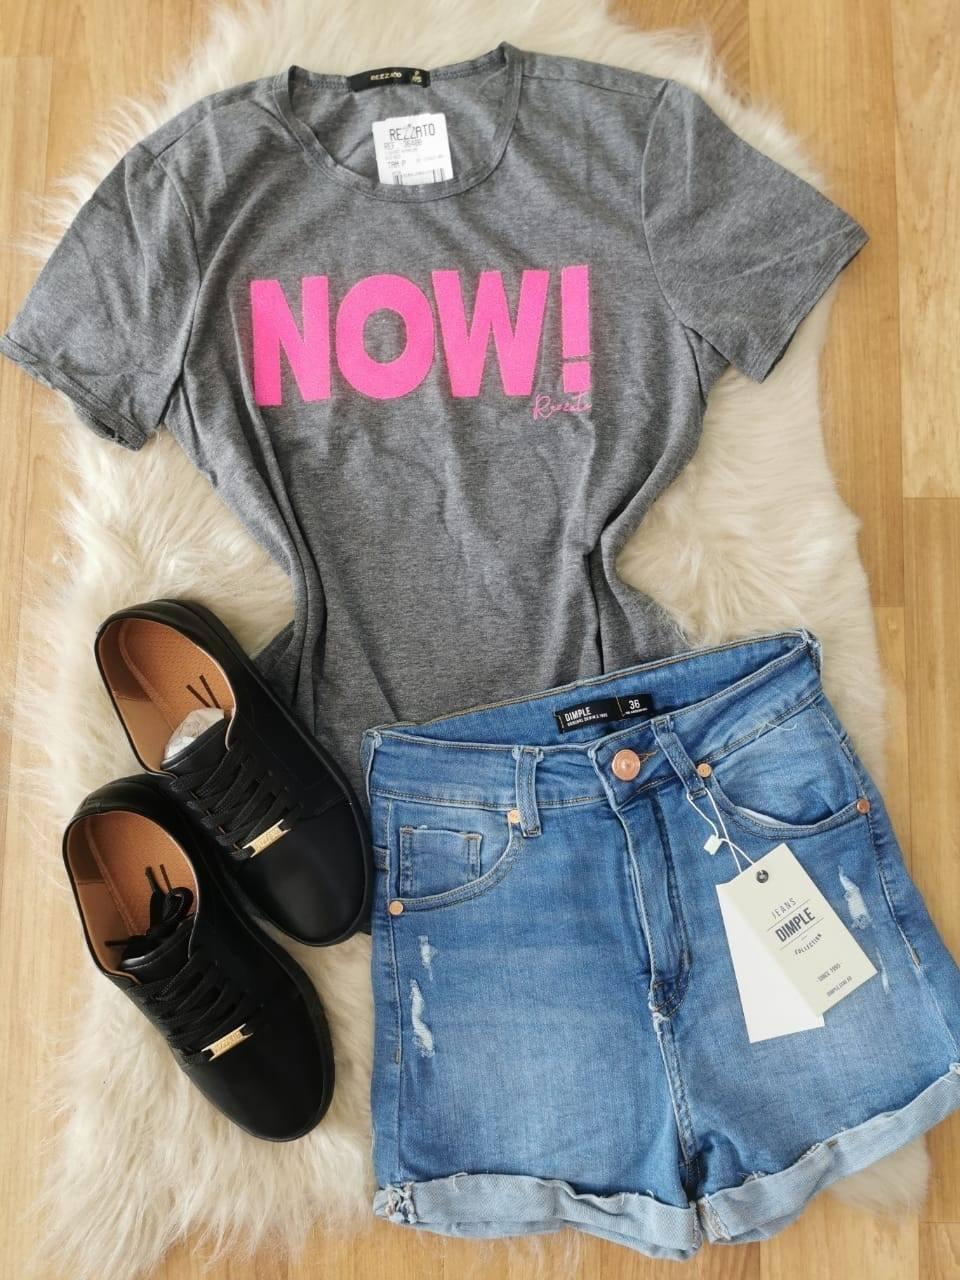 Moda, estilo y comodidad en el andar diario